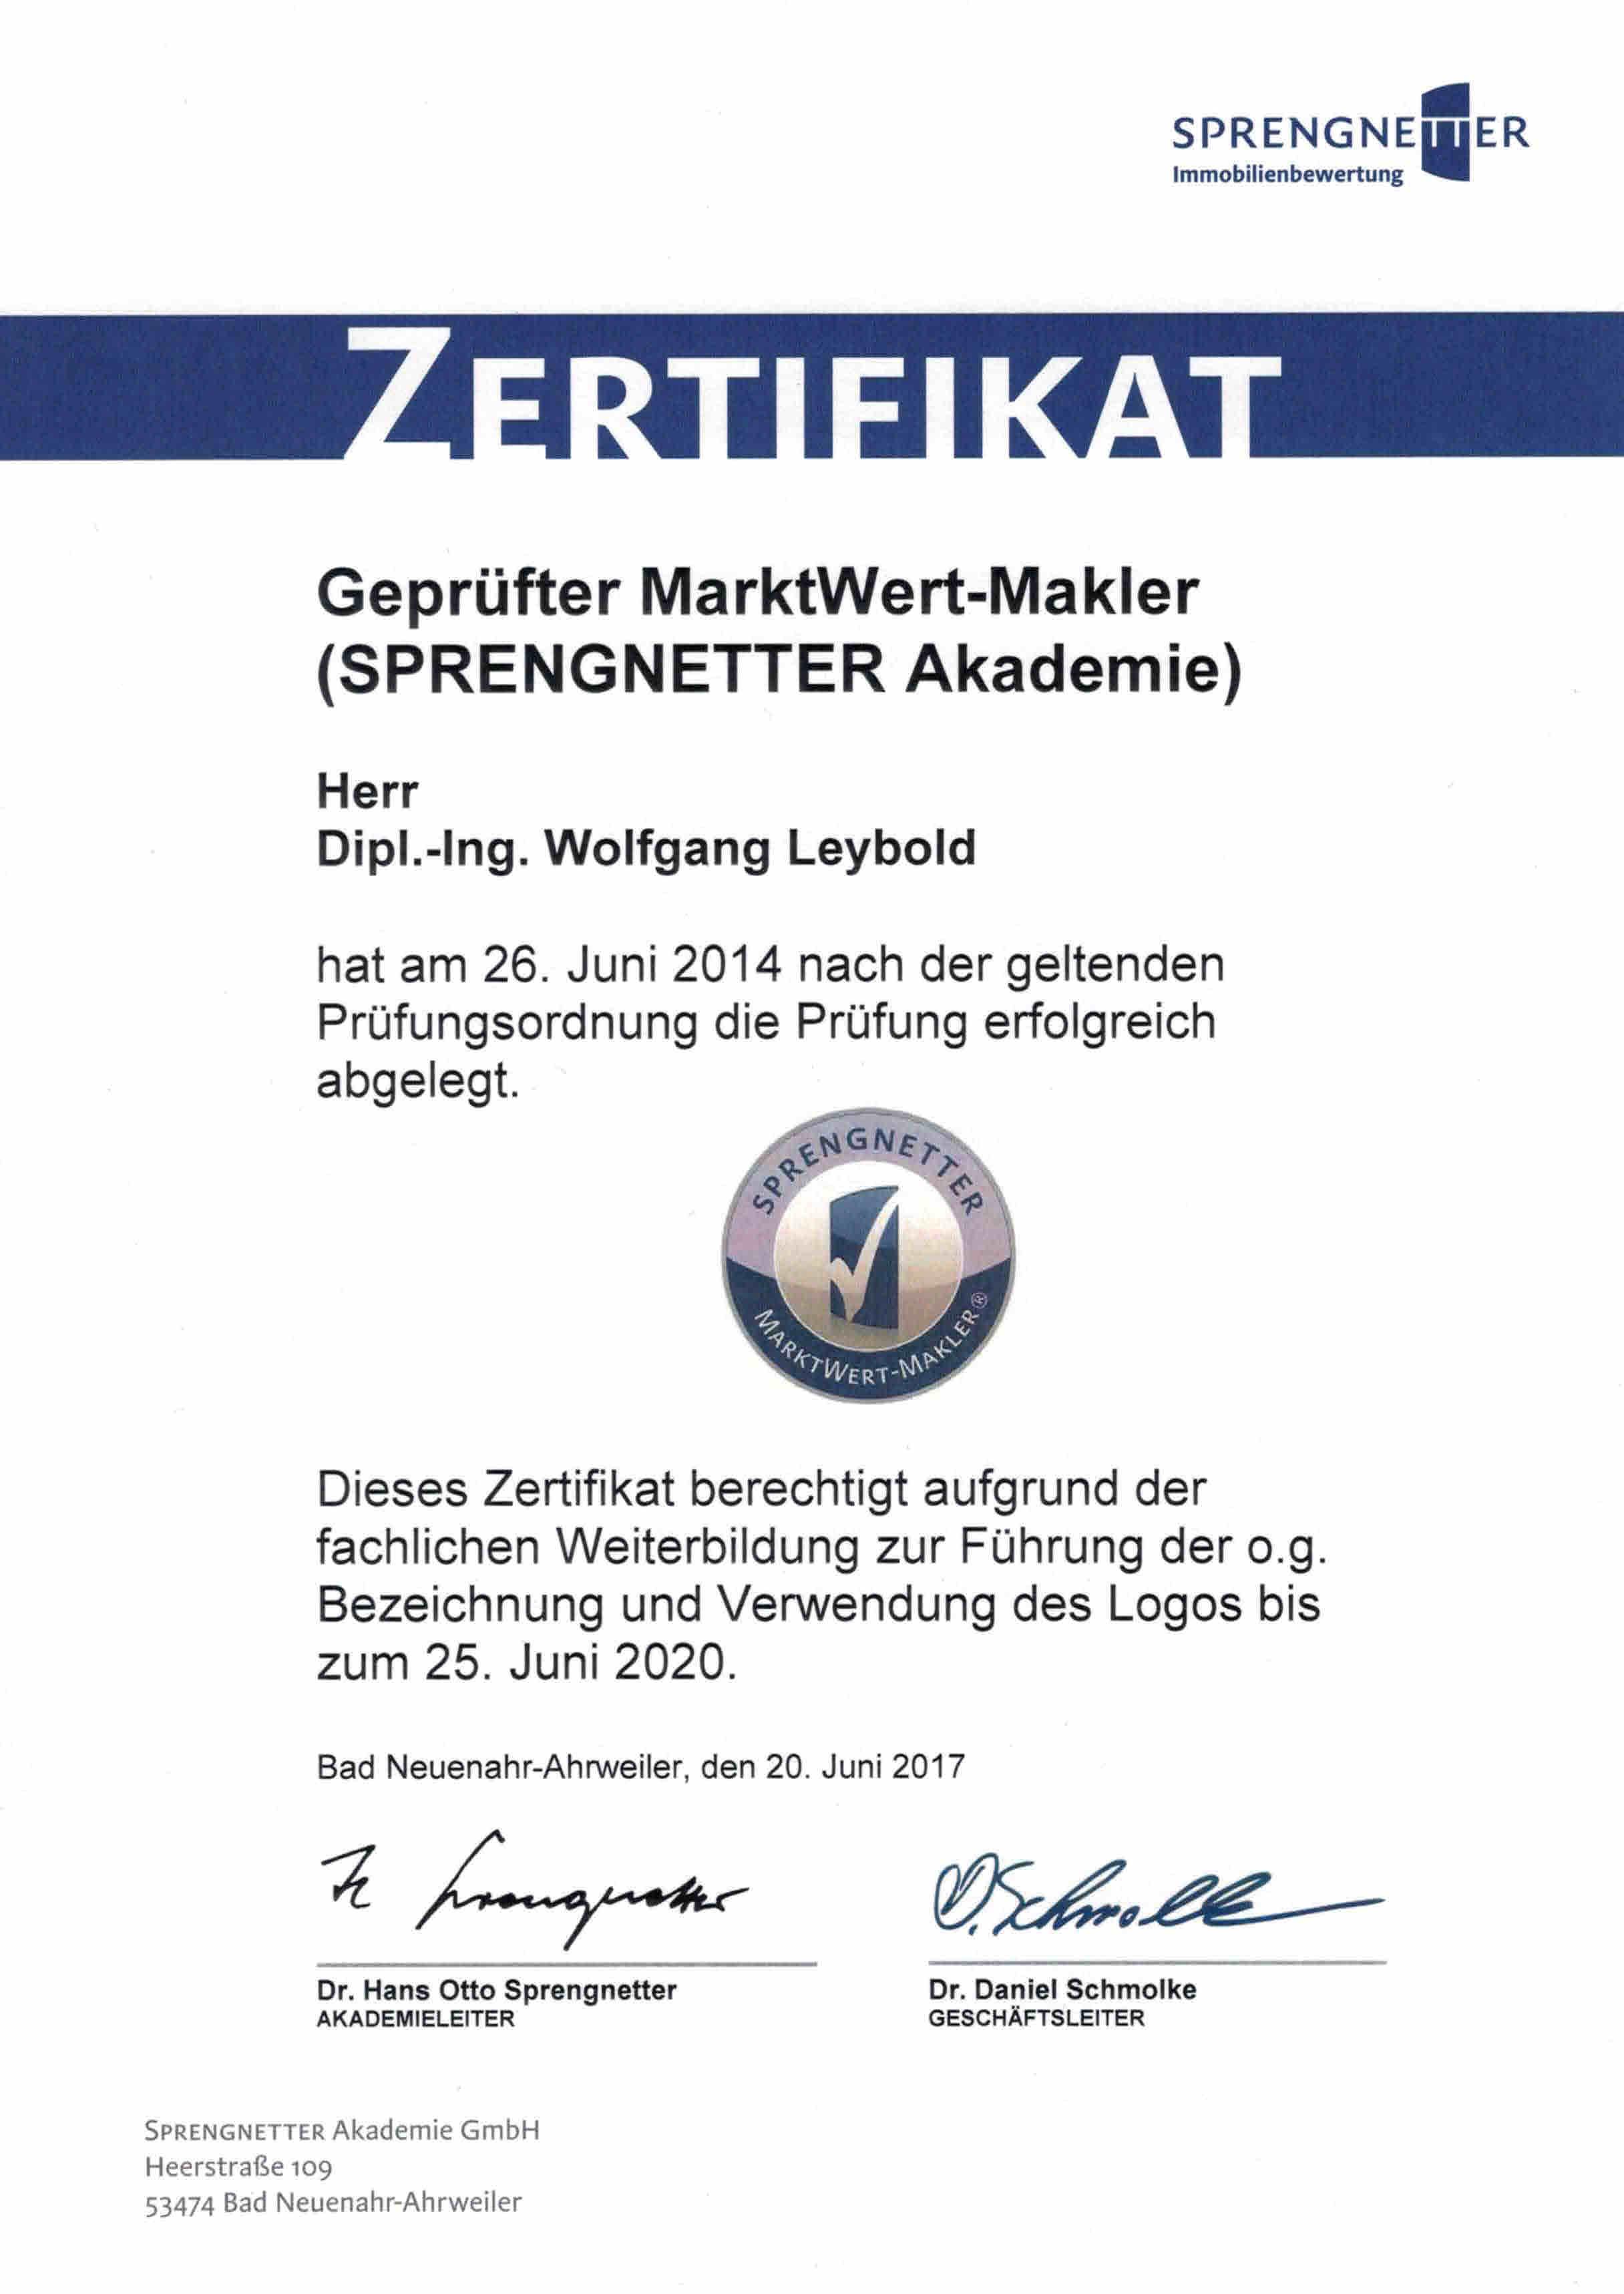 Sprengnetter Zertifikat MarktWert-Makler